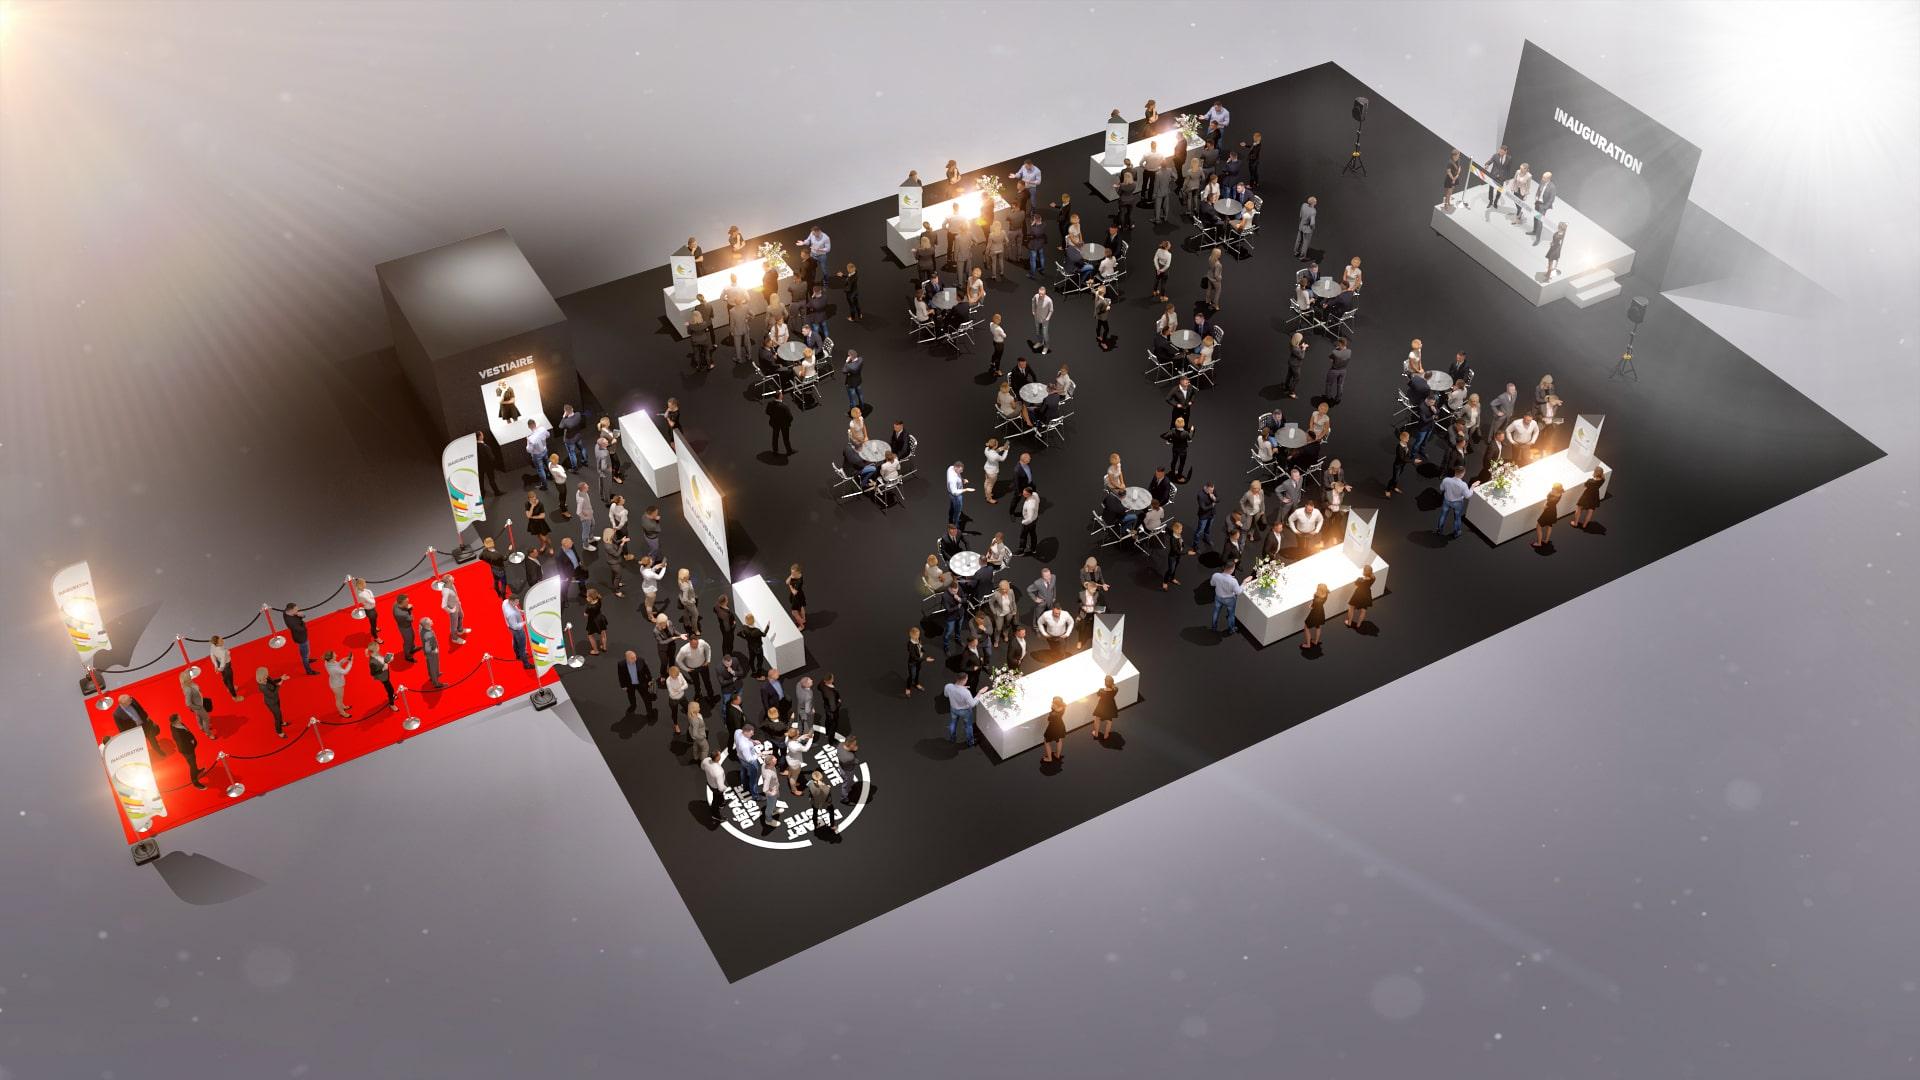 Inauguration nouveaux locaux entreprise - dispositif événementiel